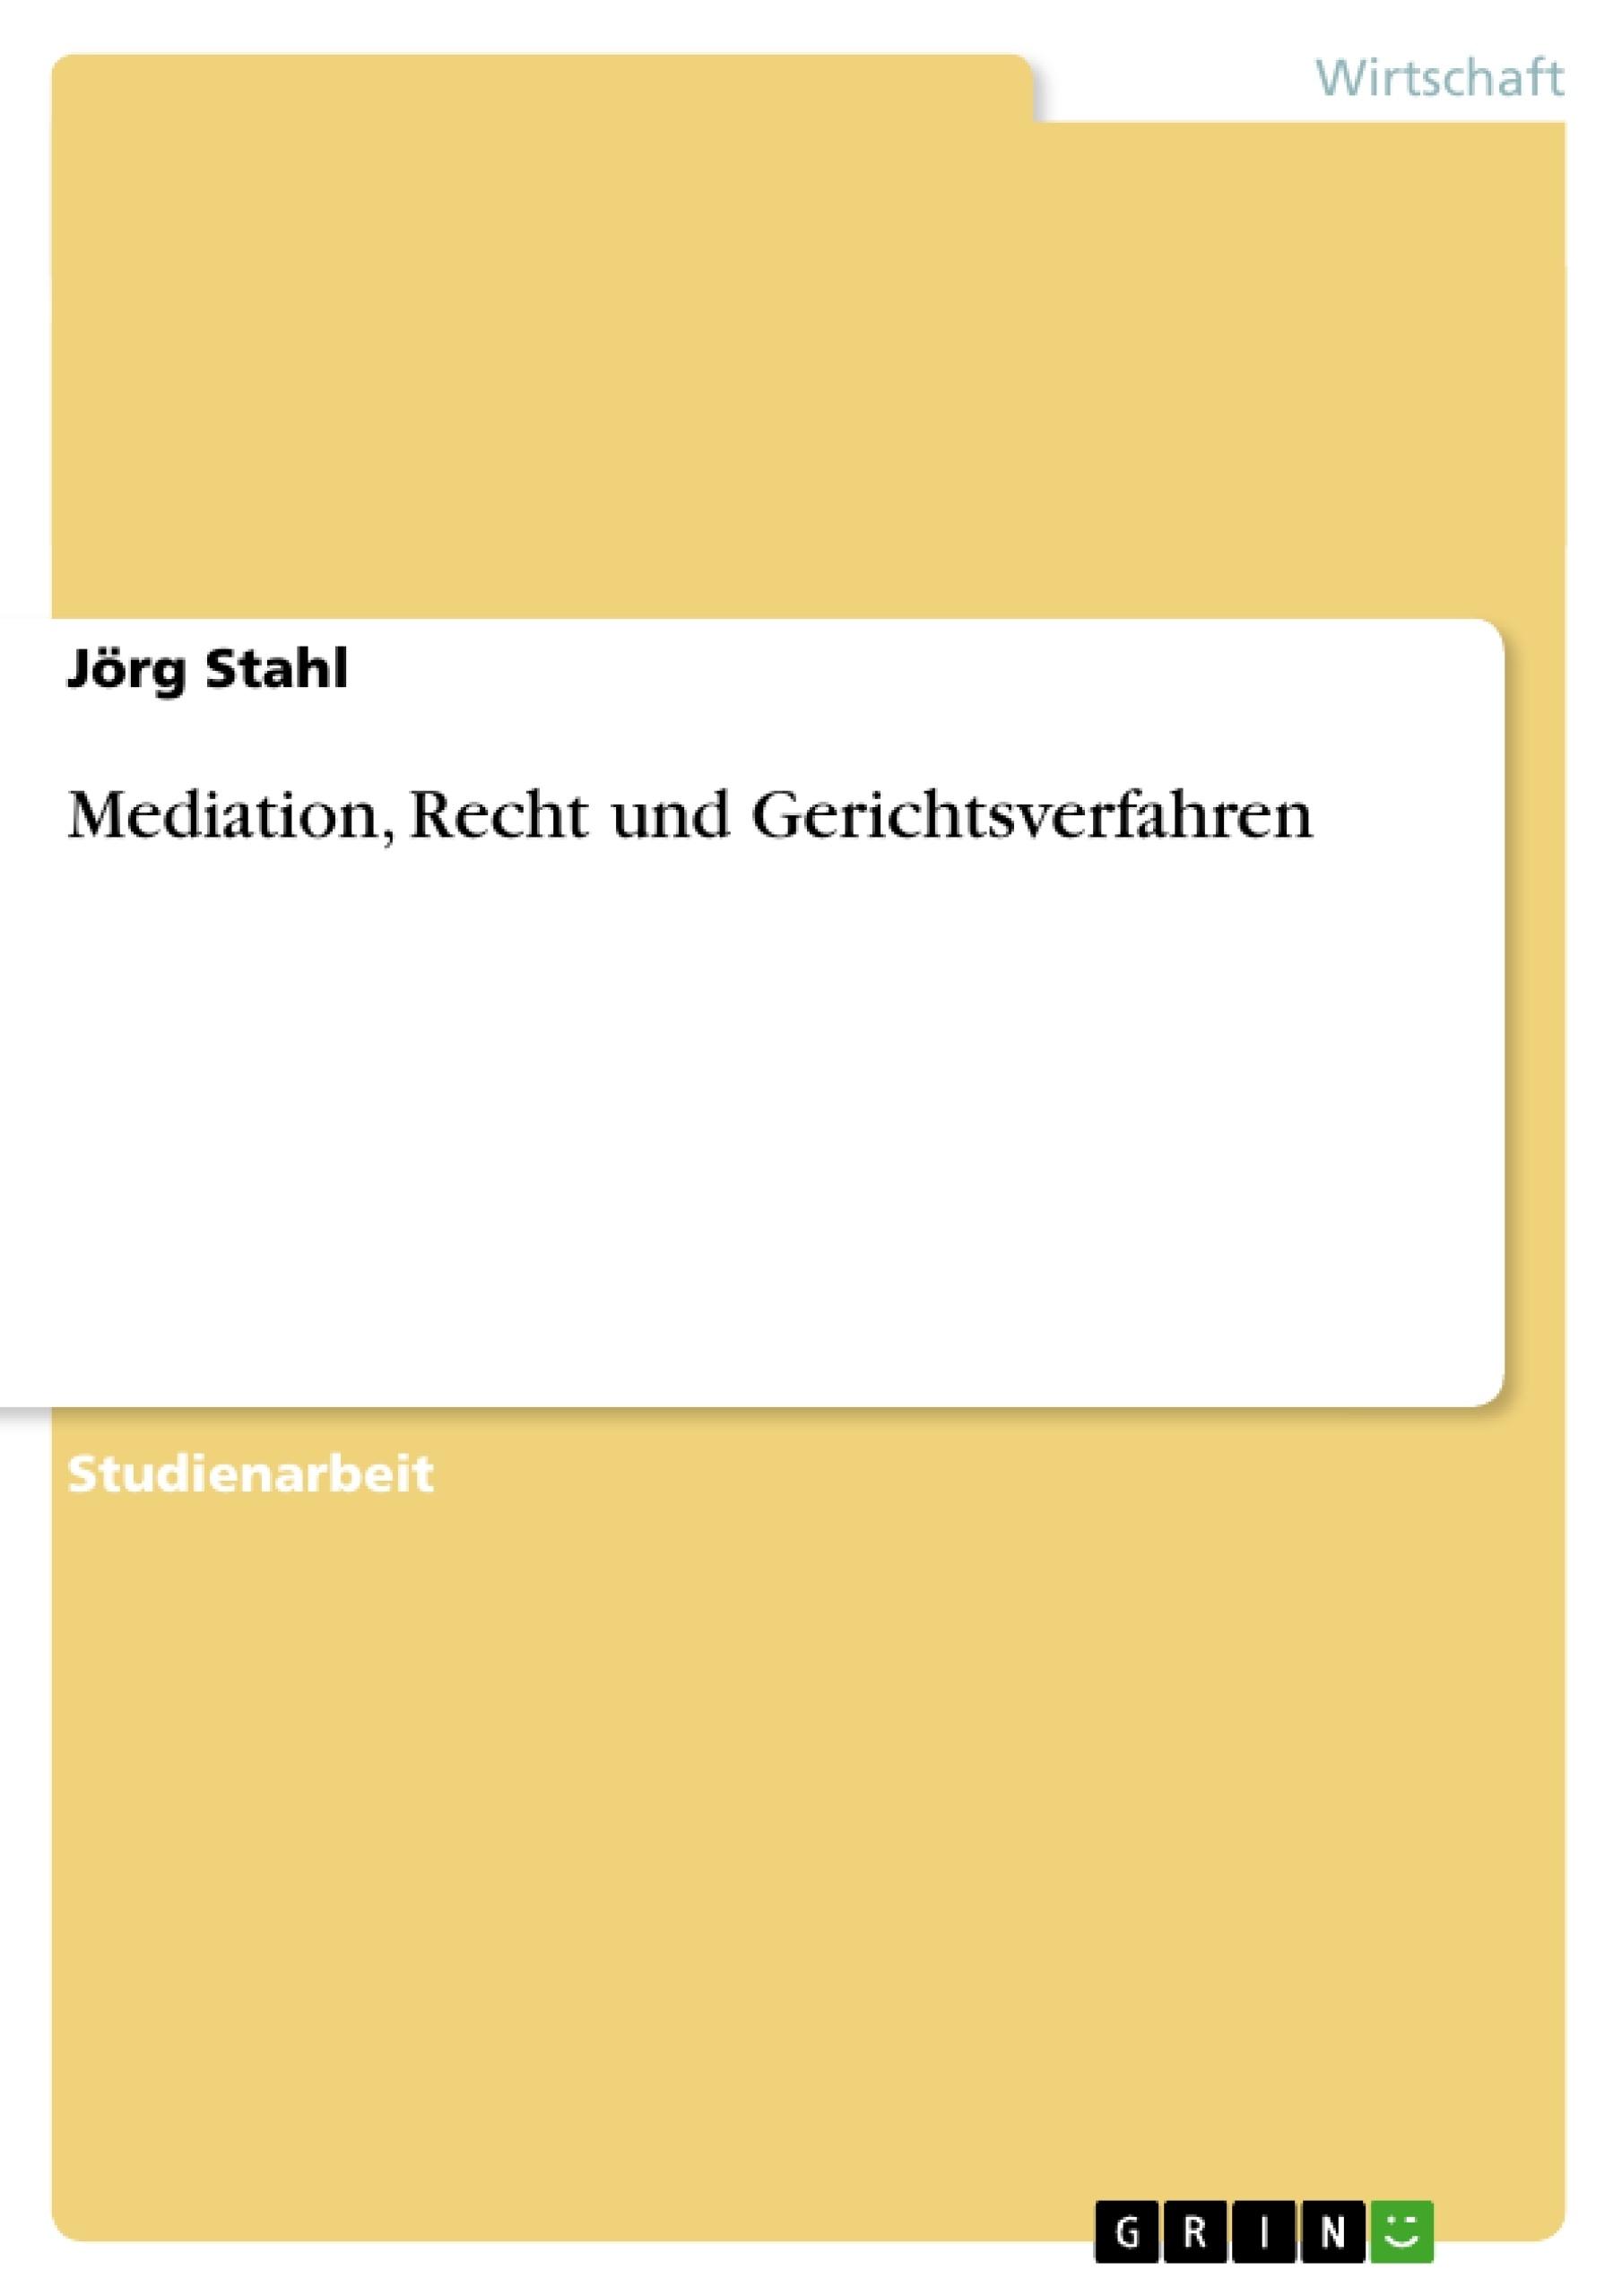 Titel: Mediation, Recht und Gerichtsverfahren